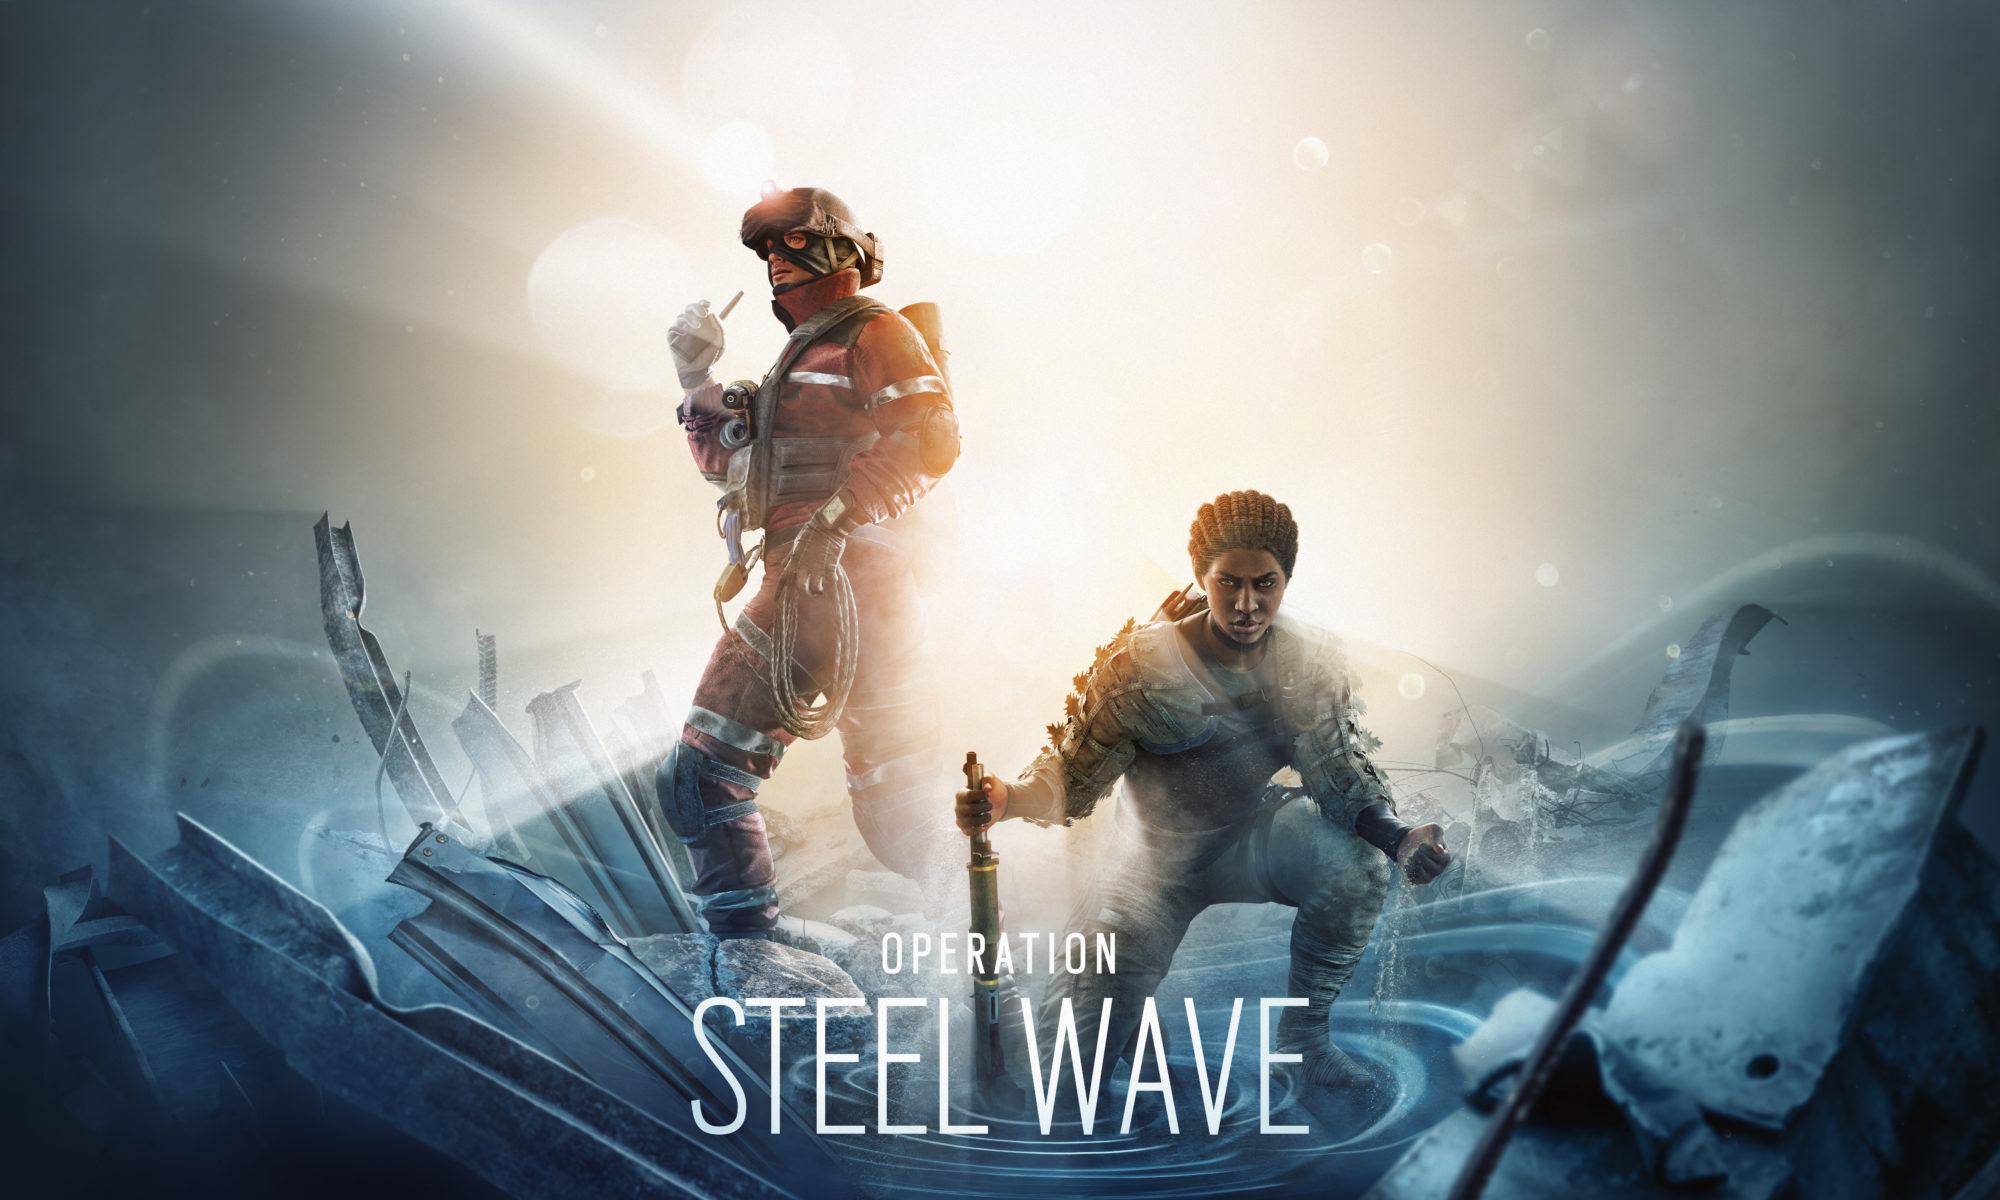 Rainbow Six Siege: Operation Steel Wave